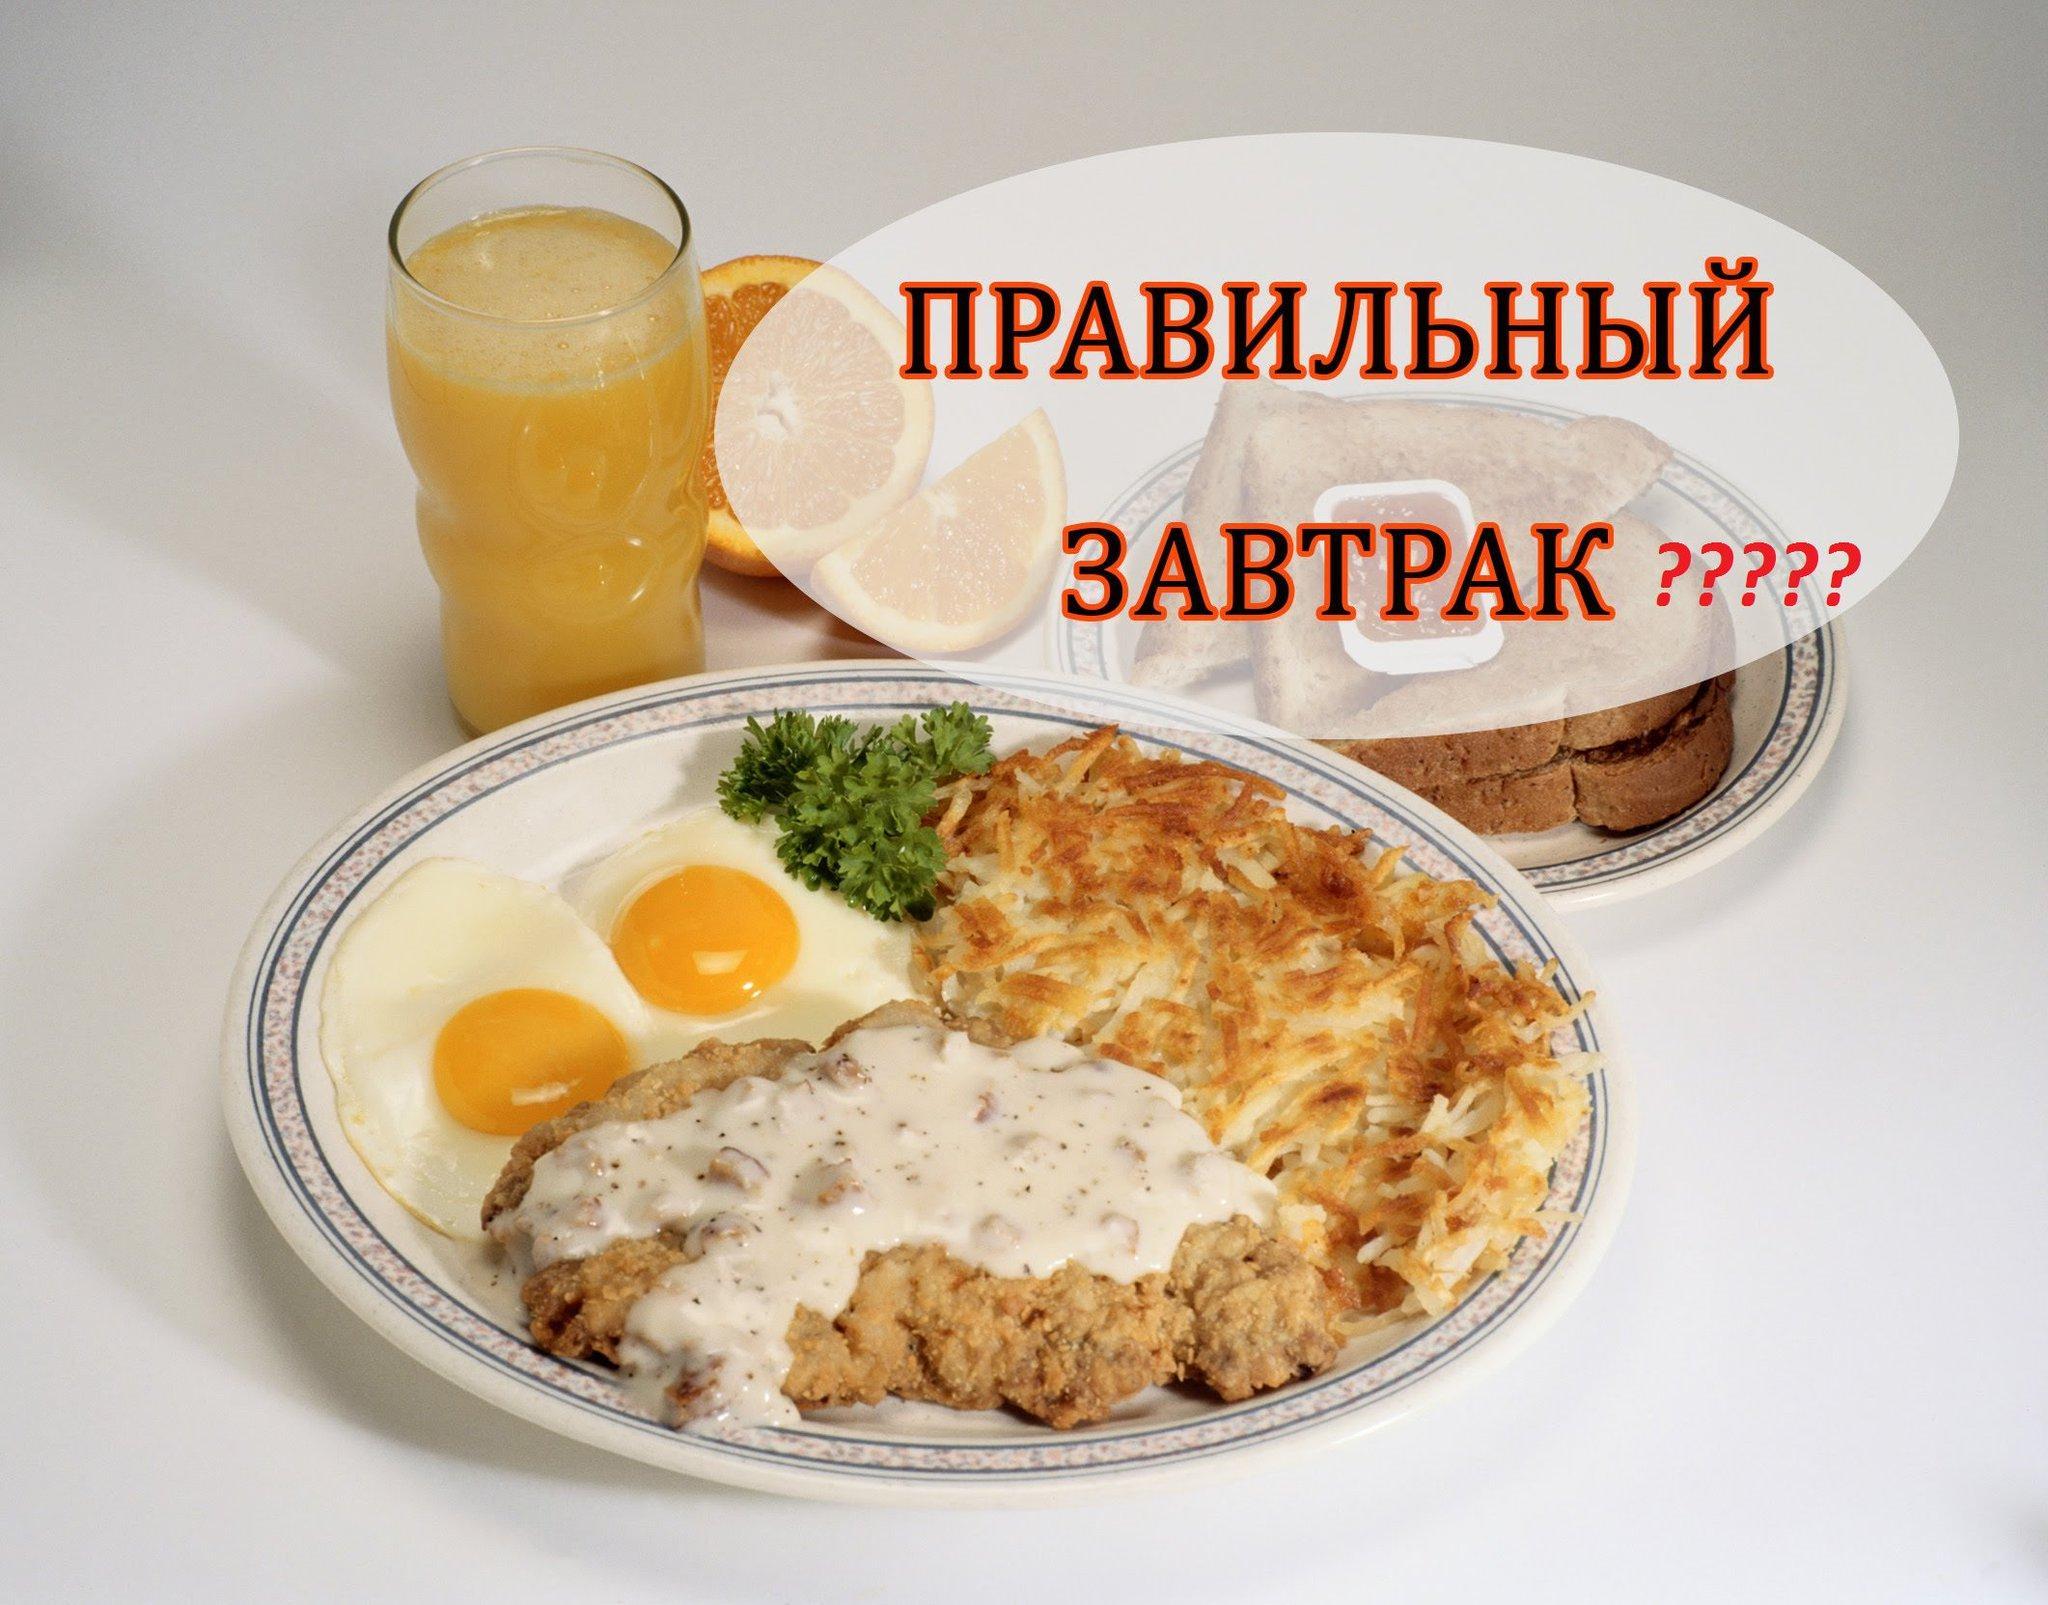 Пп завтрак — что и как кушать по утрам, чтобы похудеть